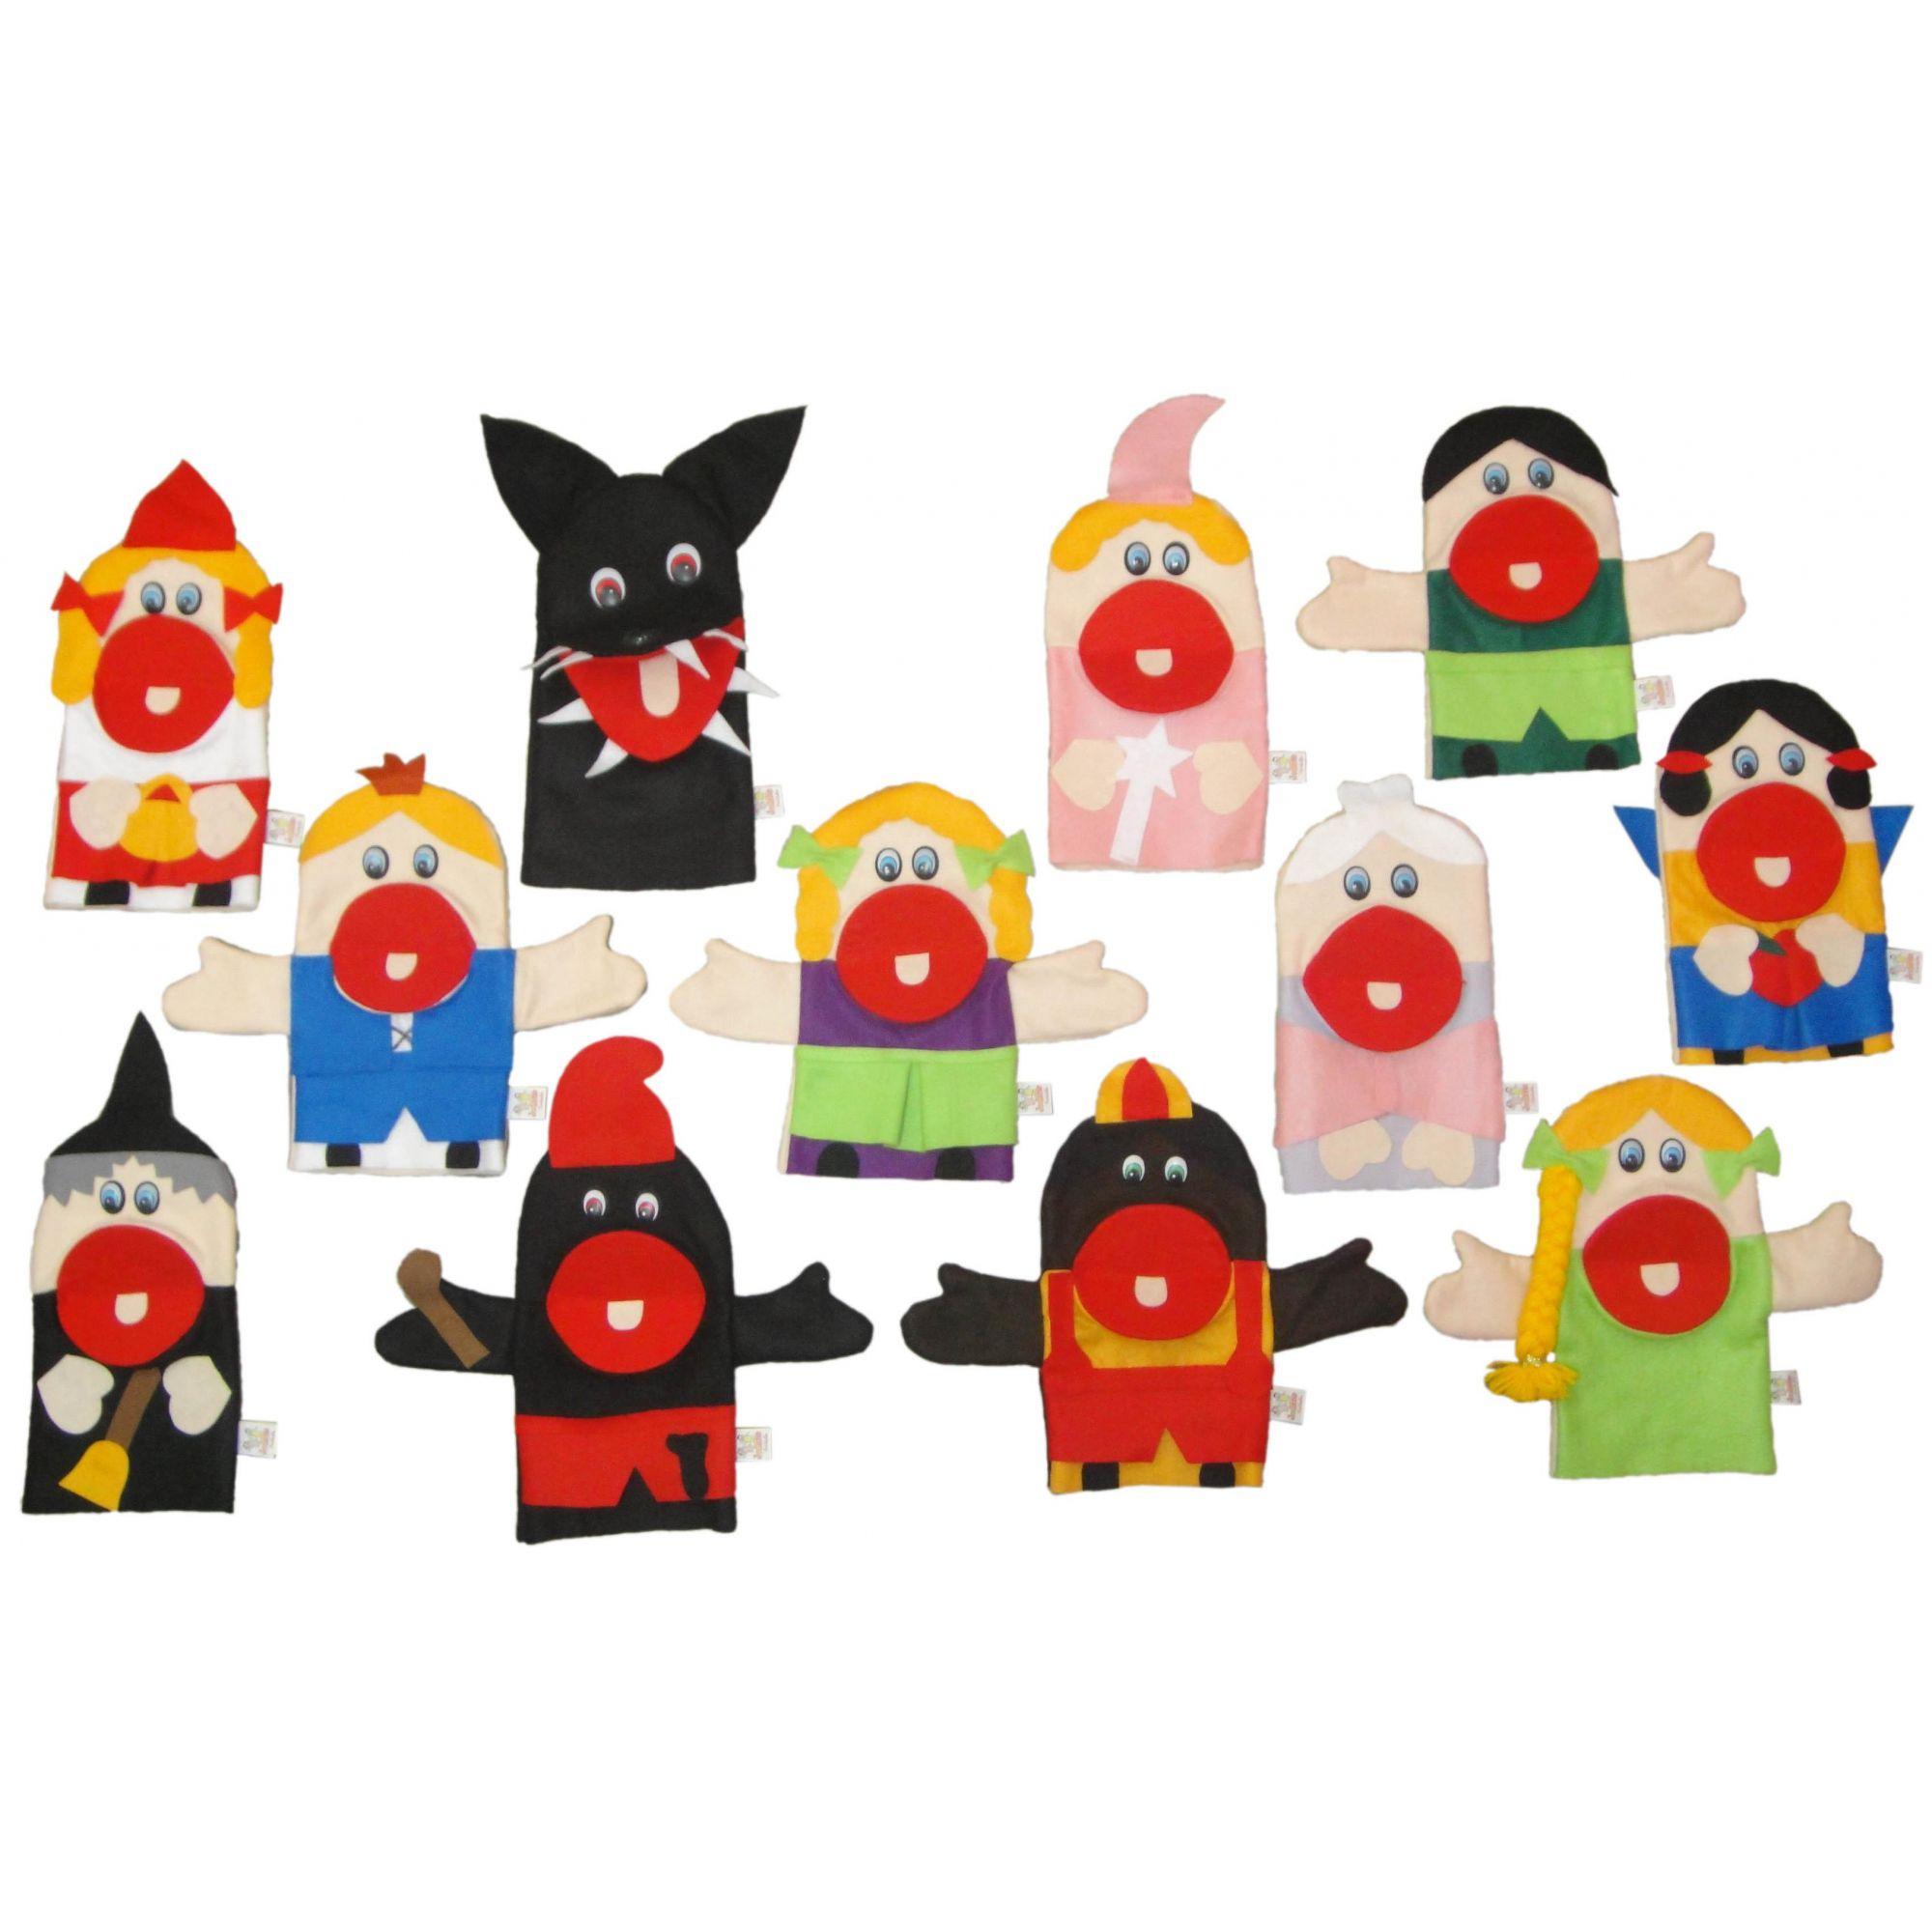 Fantoches em Feltro Personagens Infantis - 12 Peças - Jodane 1021